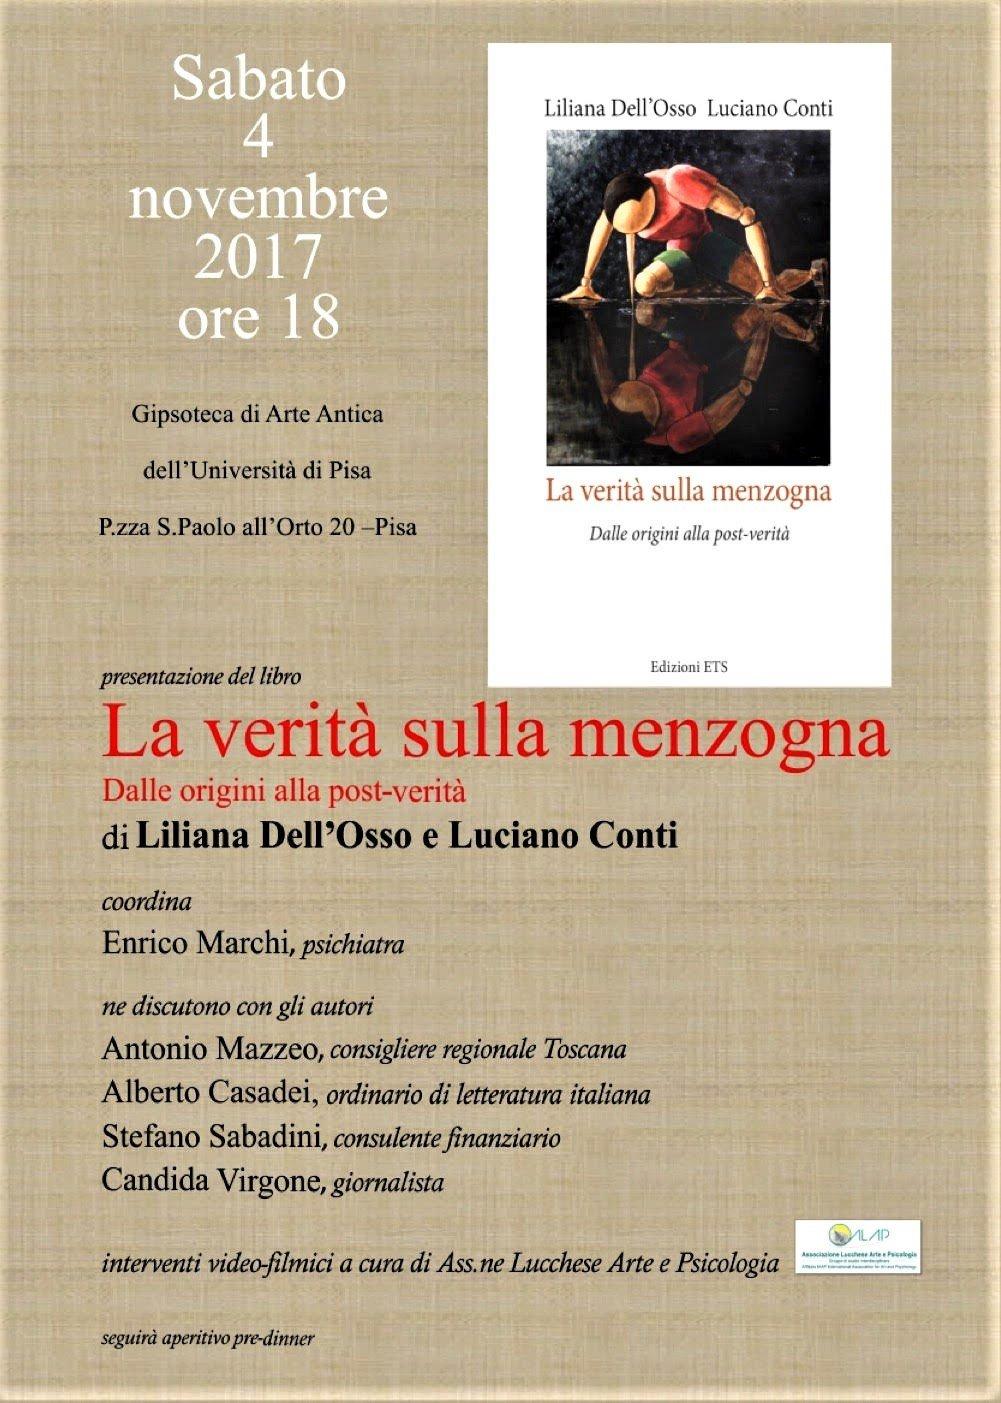 LOC Menzogna (2)